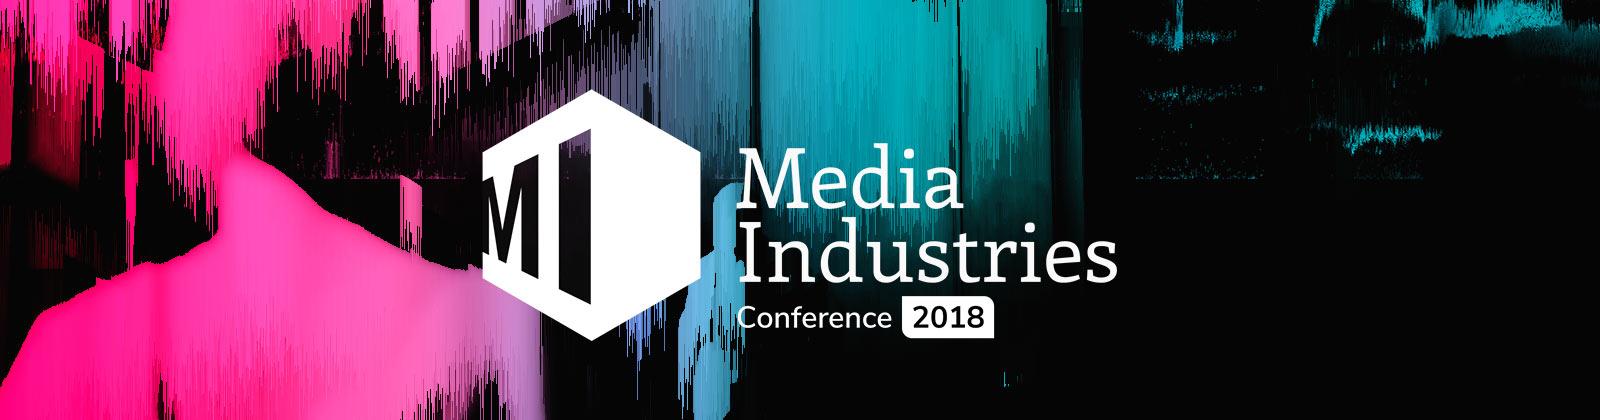 conference-banner-2.jpg